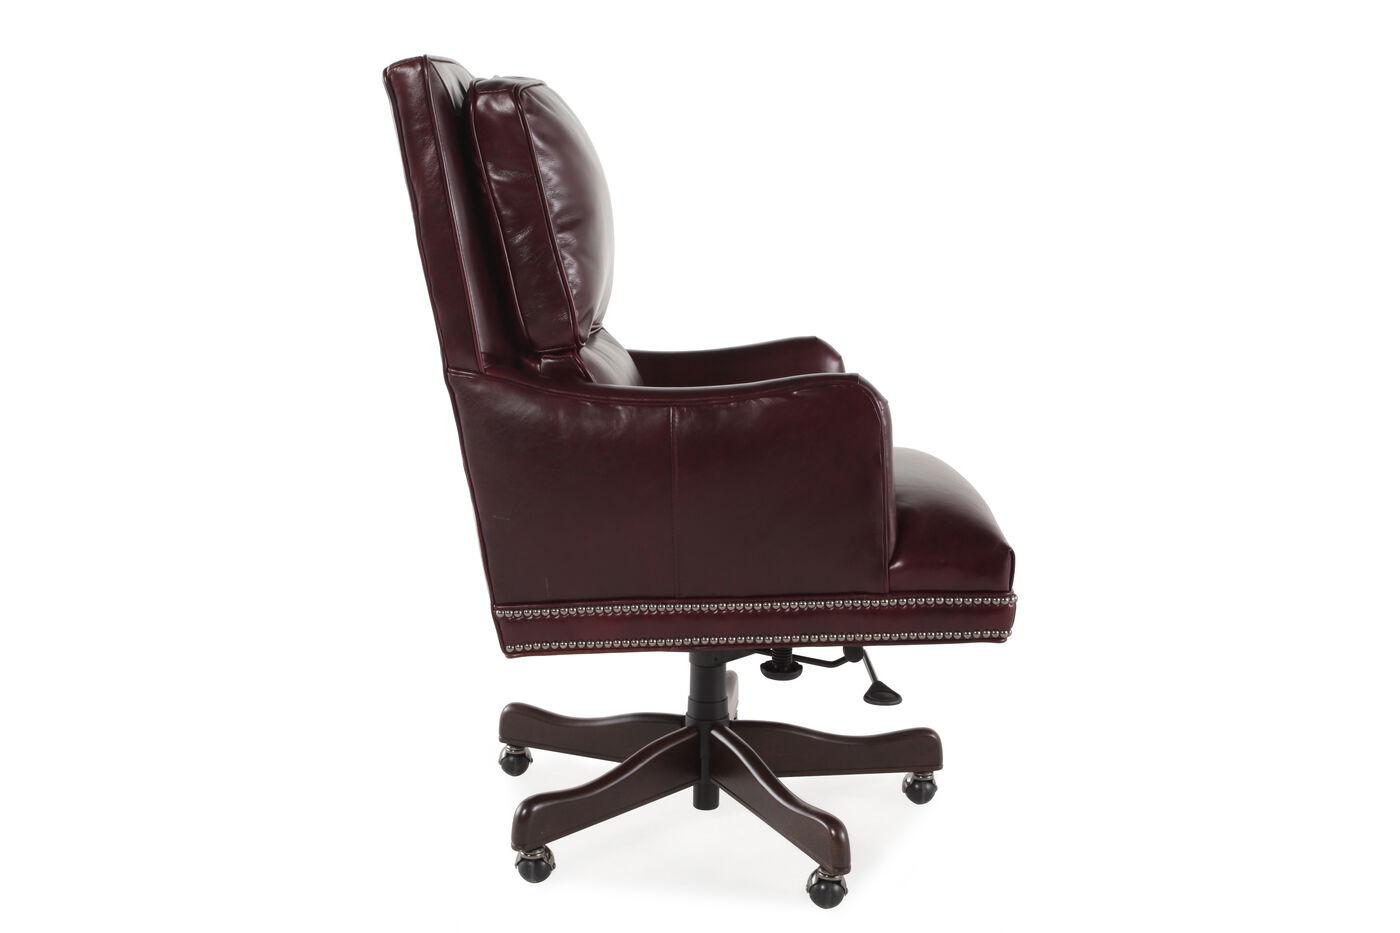 Leather Ergonomic Executive Office Tilt Chair in Dark Burgundy ...